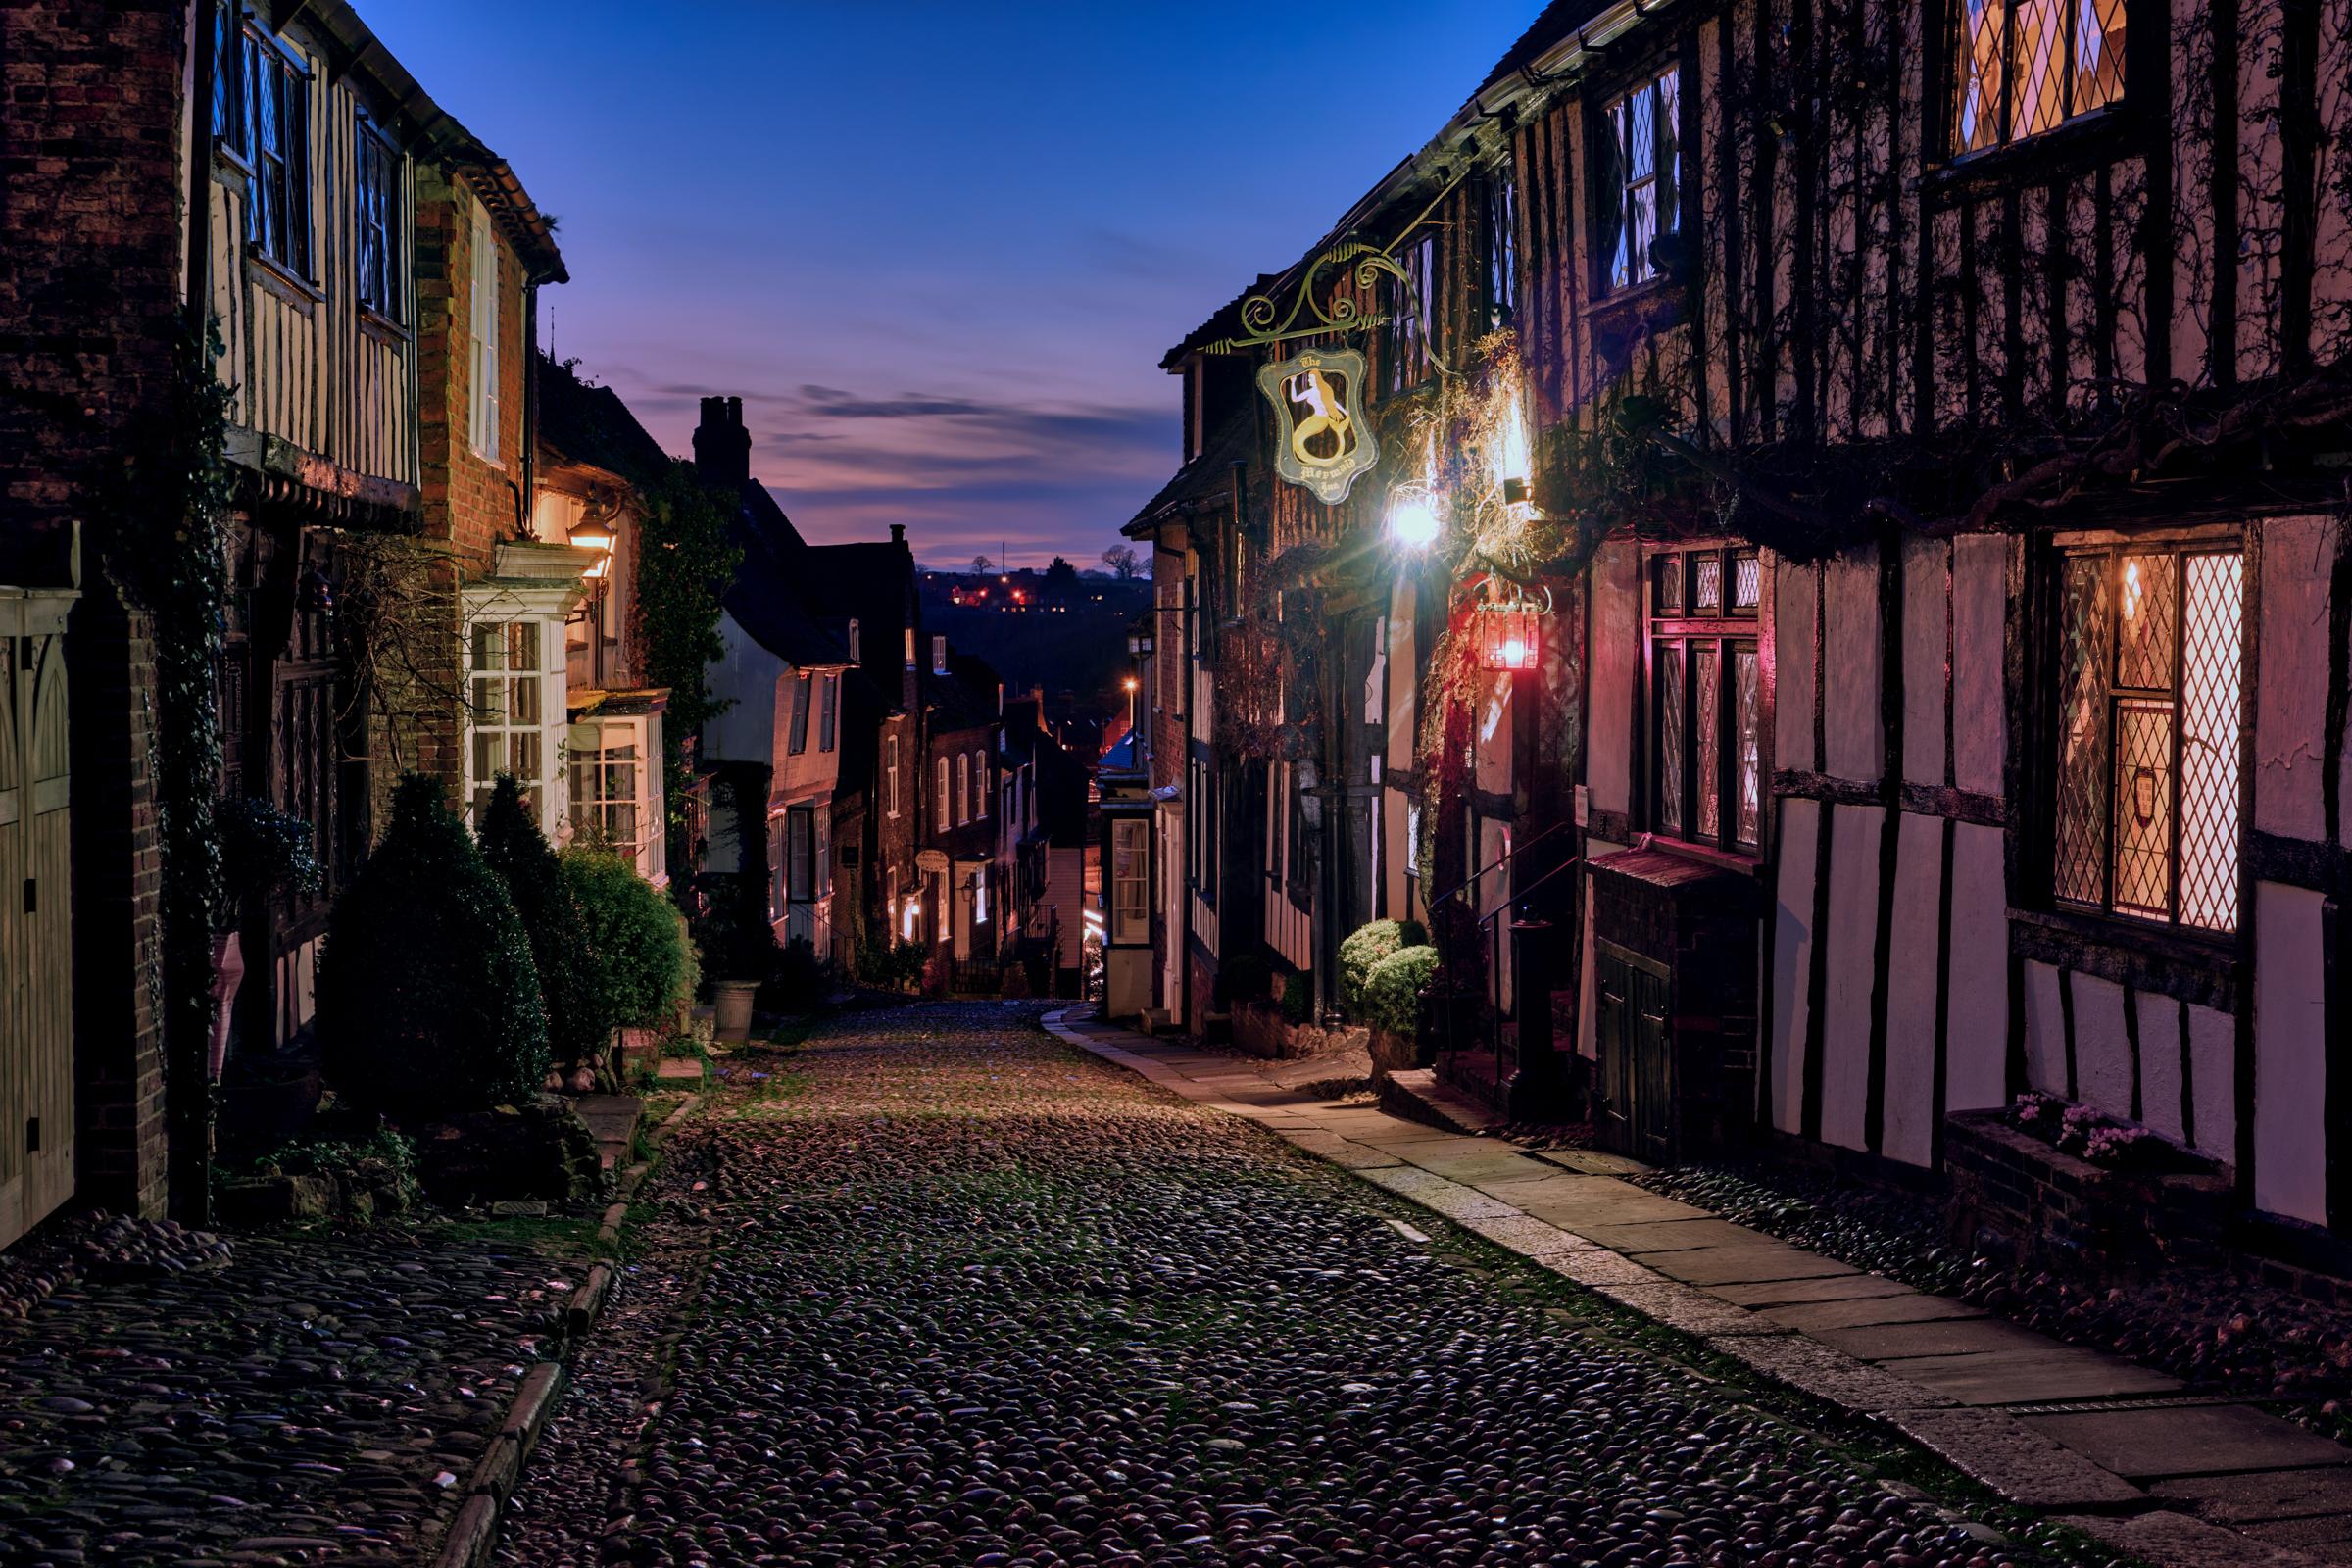 London-Jan18-Rye-Mermaid-Inn-HDR-blue-hour.jpg